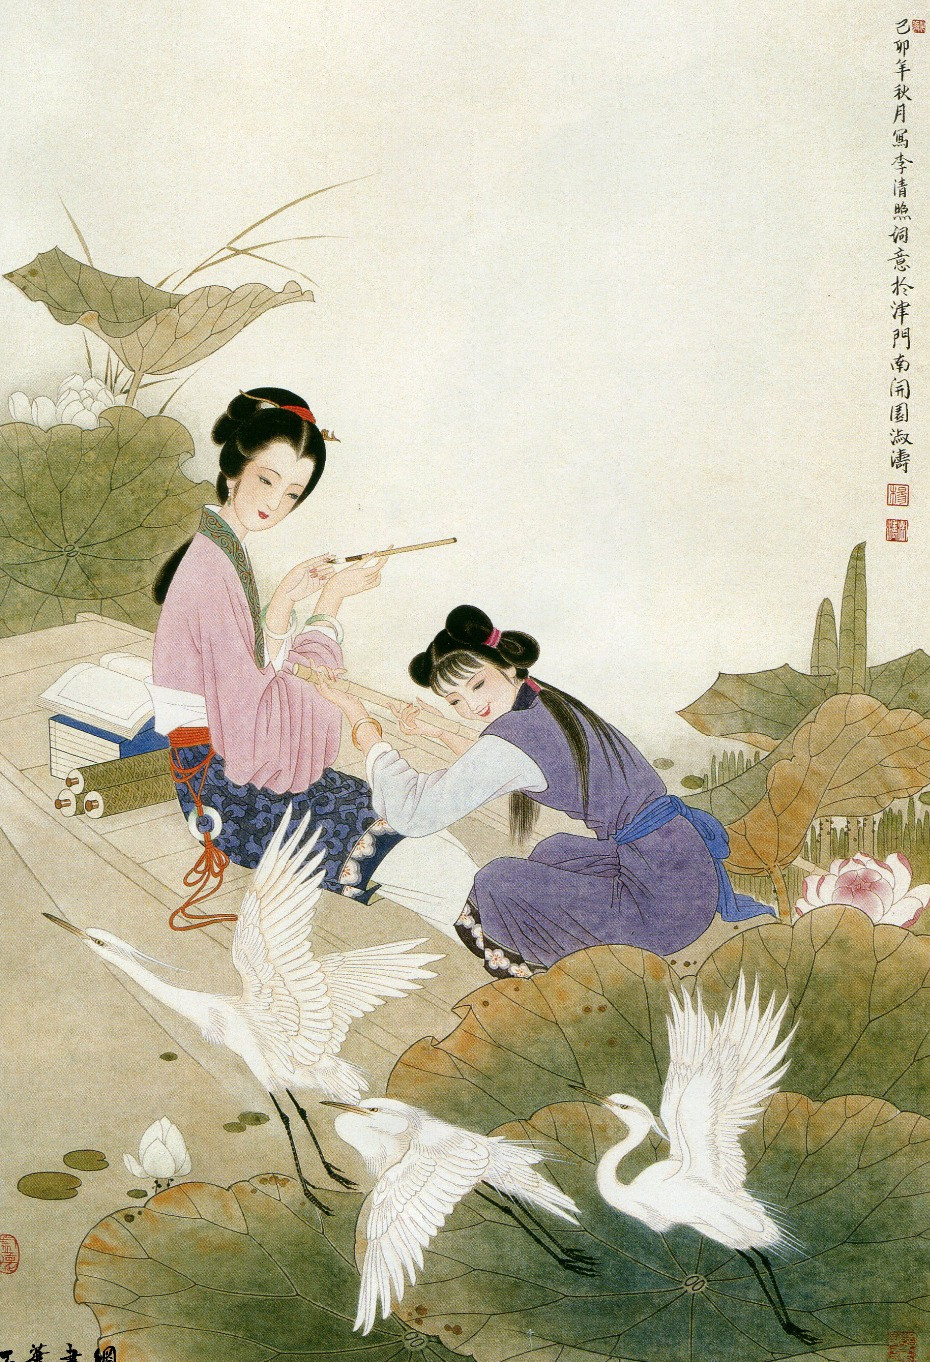 китайские куртизанки (Центр Китайской Культуры: курсы китайского языка и лекции о Китае)